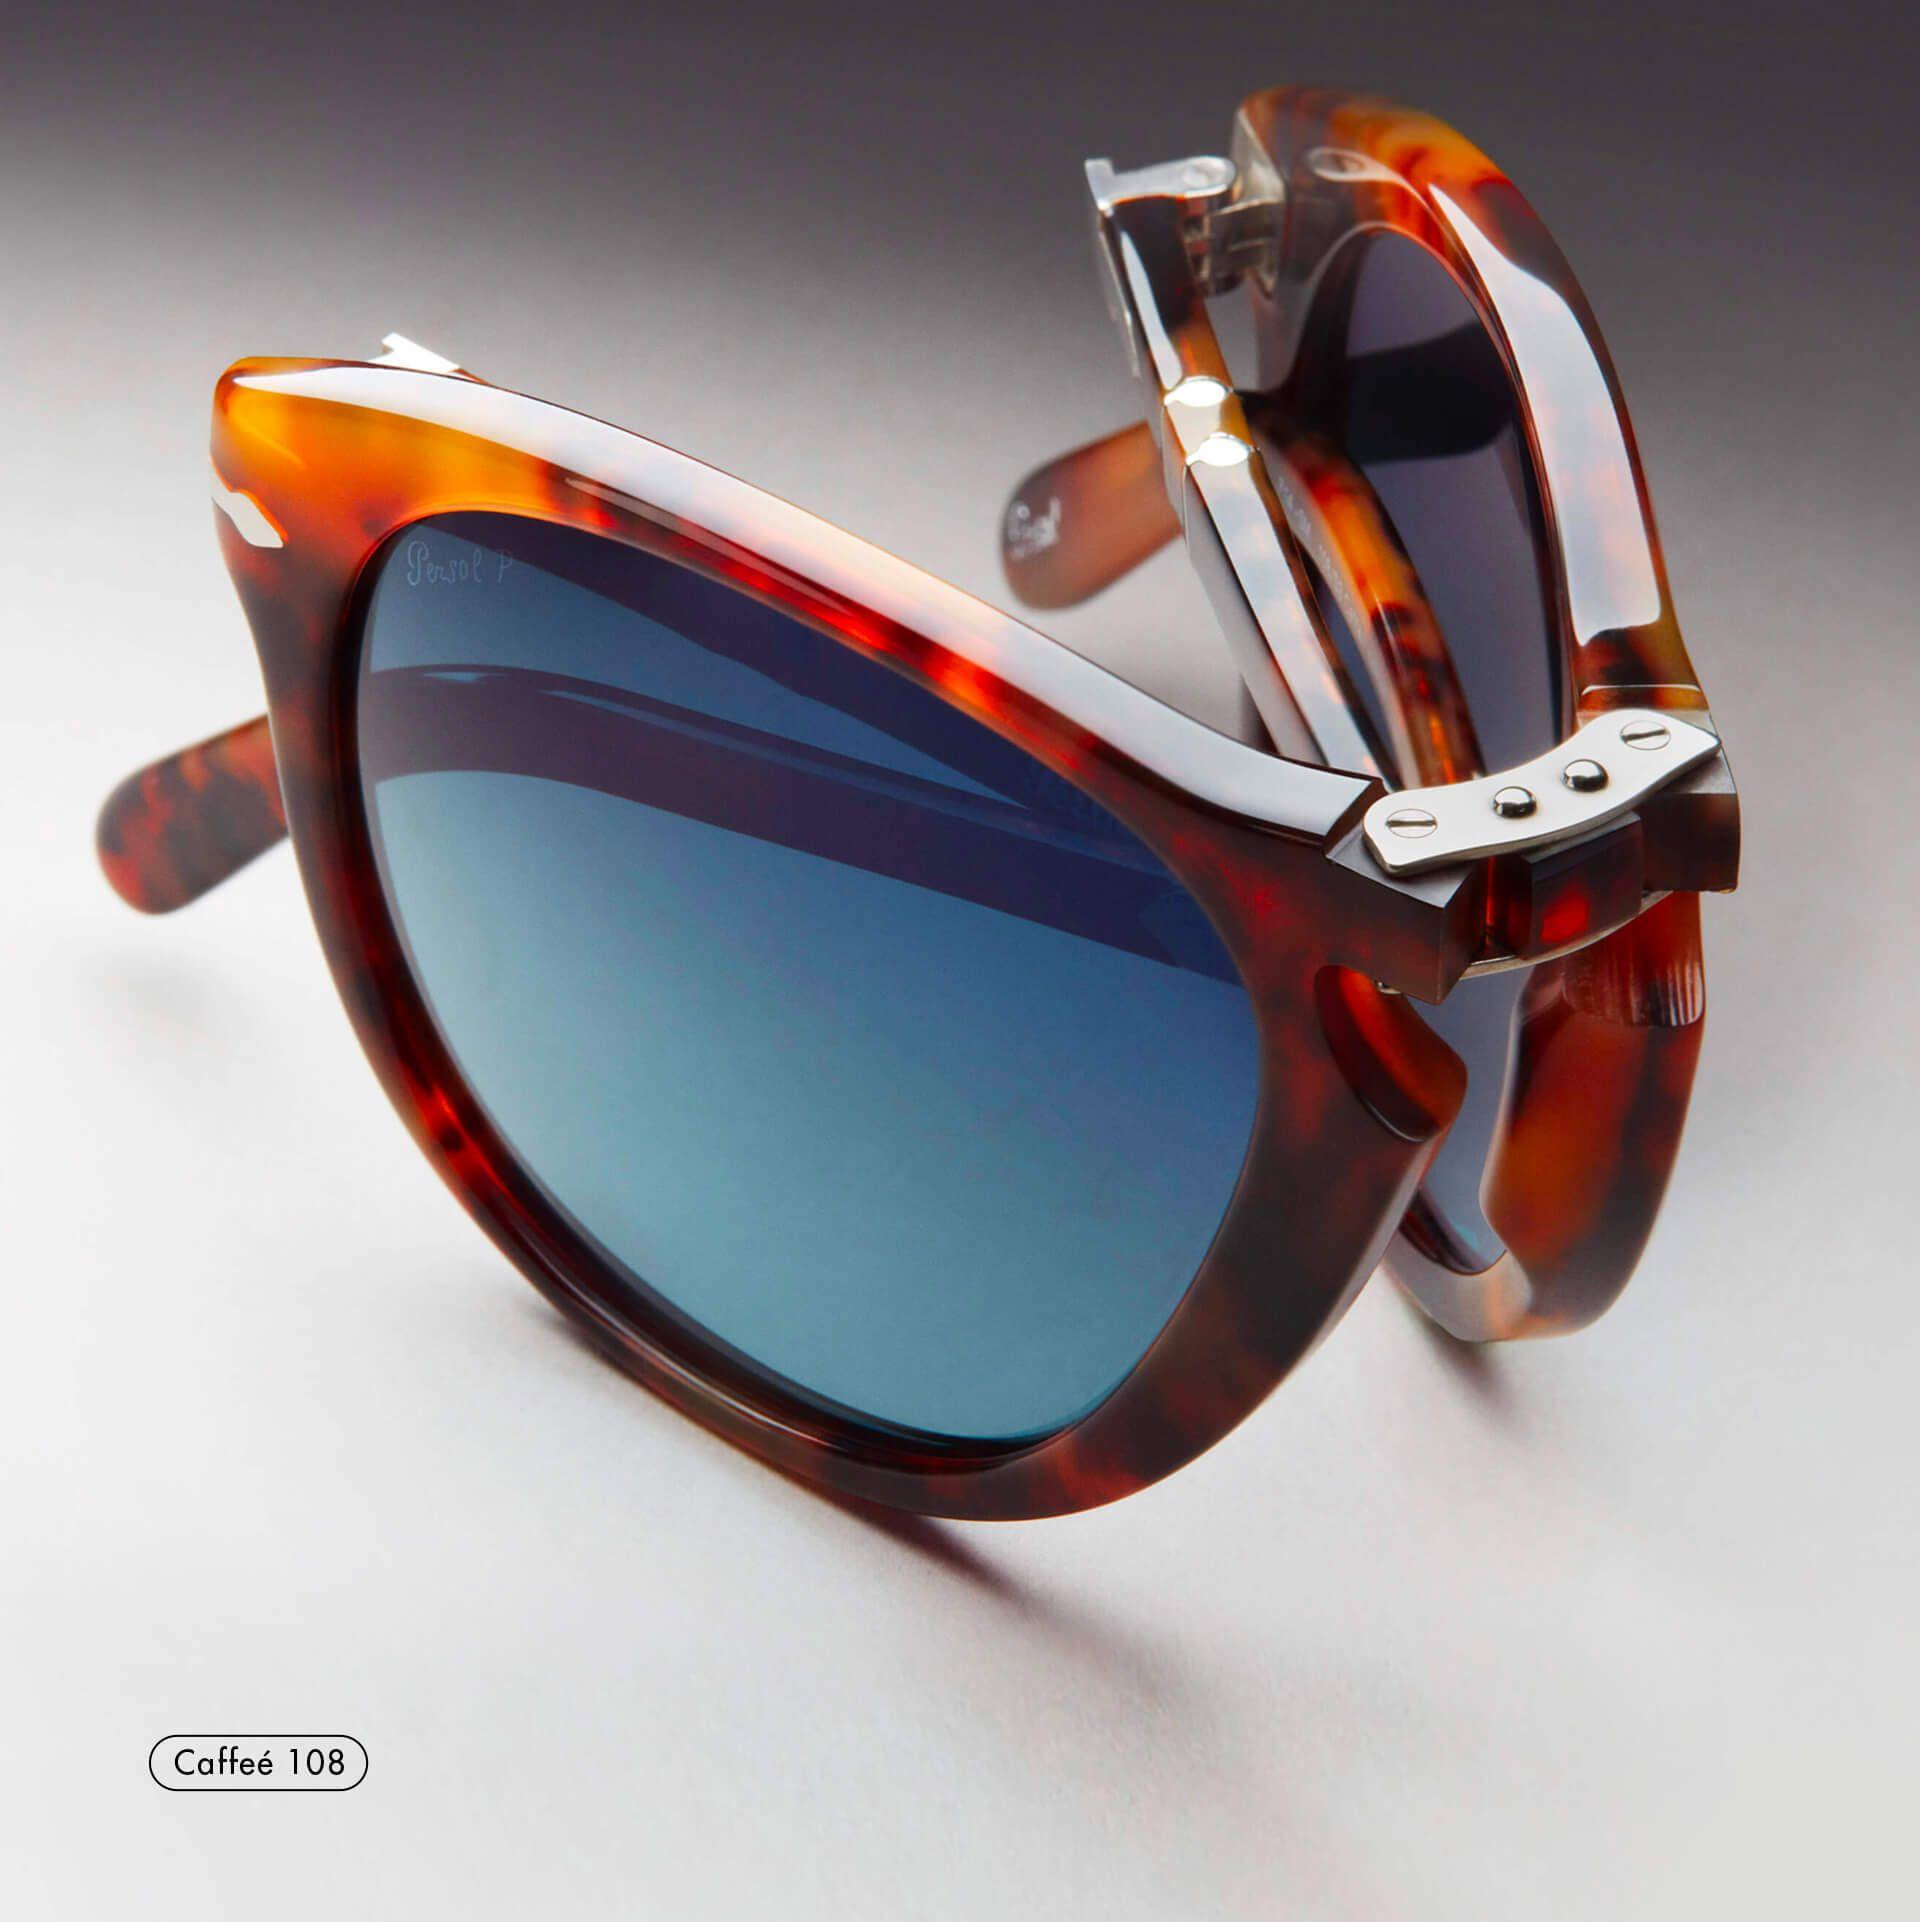 2a5ddd95b8 Gafas de sol Persol Steve McQueen | Persol España